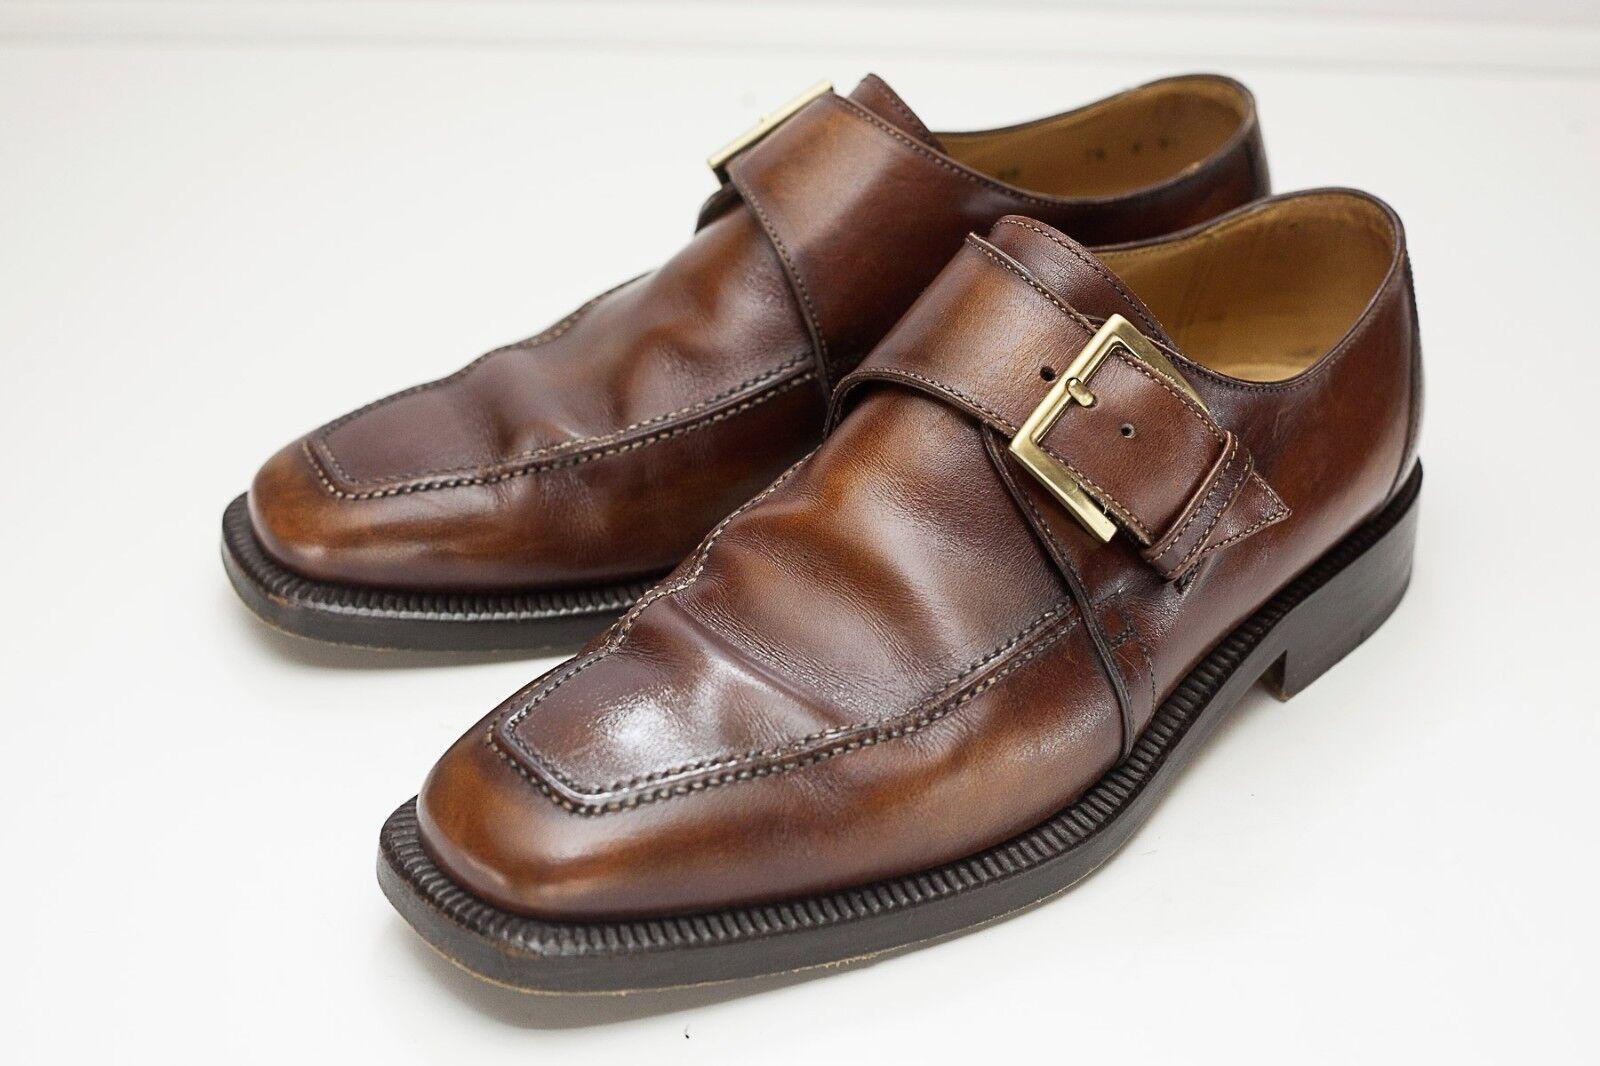 Campanile 8.5 Brown Monk Strap Men's Dress shoes